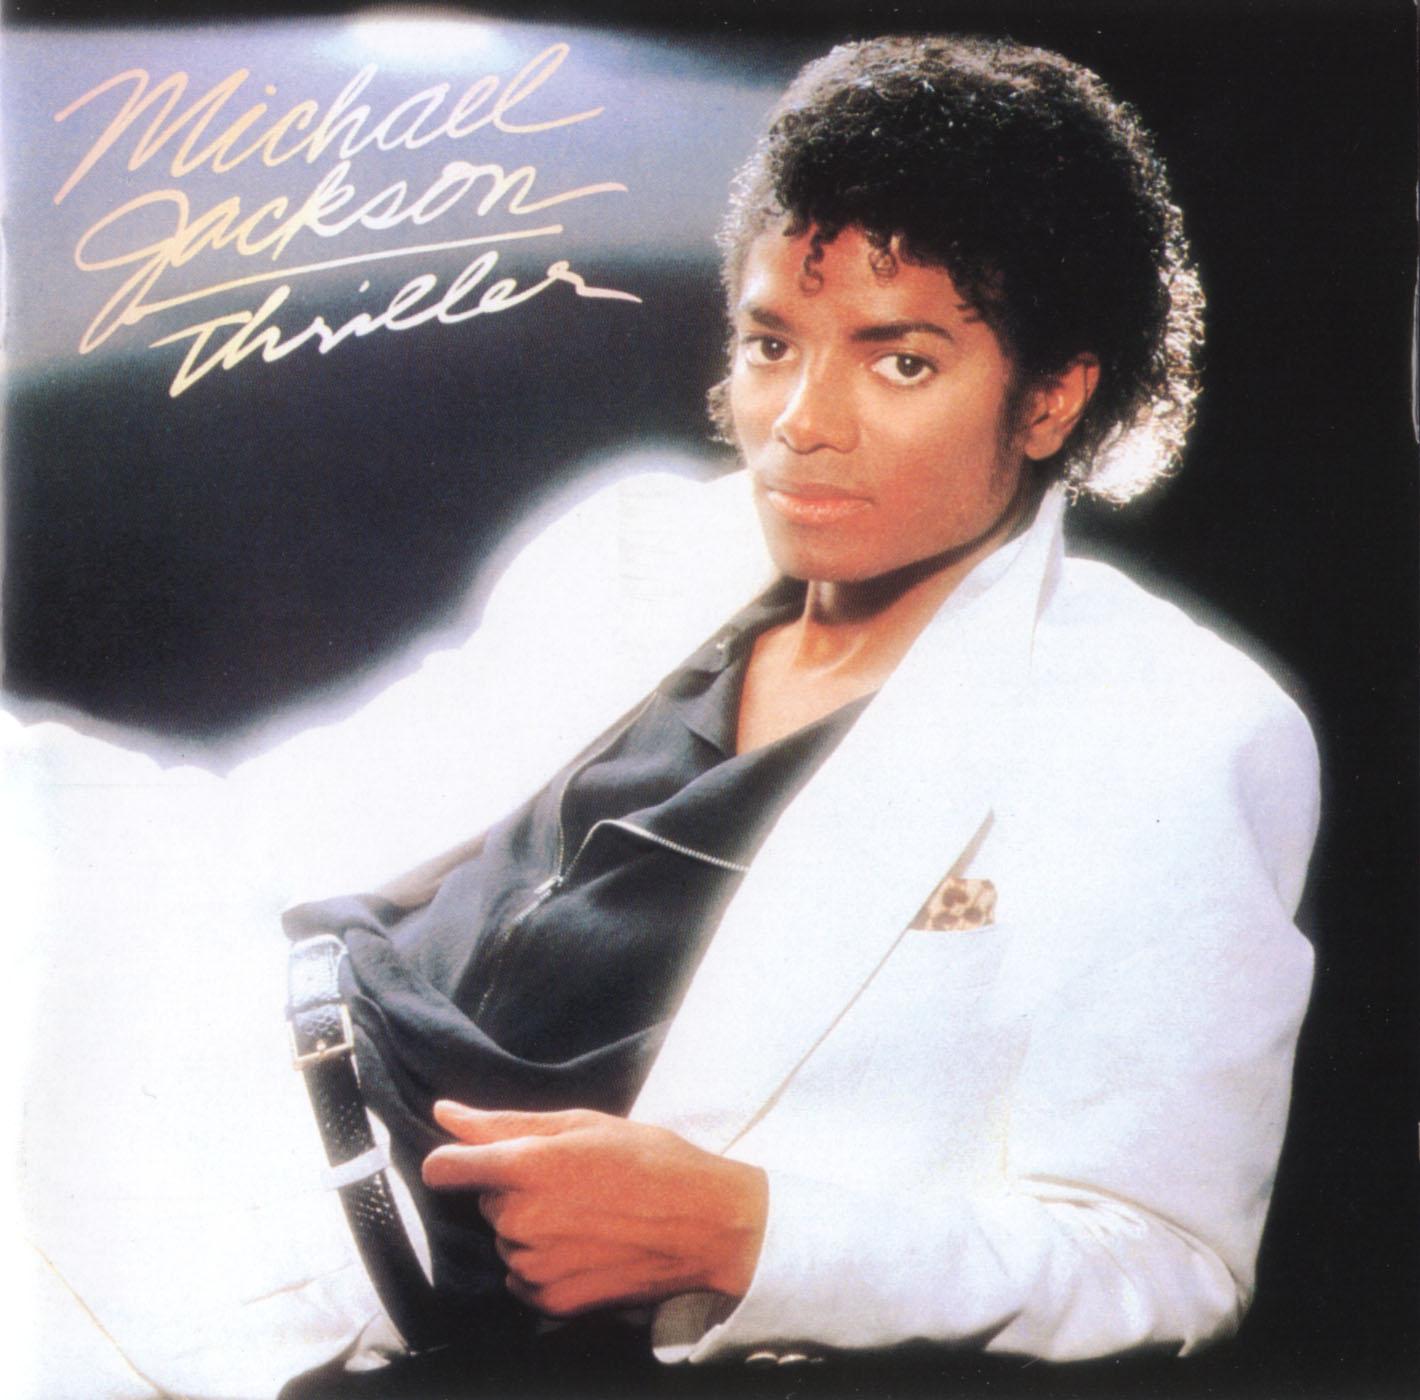 http://1.bp.blogspot.com/-n-XxTGrhmAA/Tw_0t-EoYoI/AAAAAAAADGs/yAD3gh3jGtQ/s1600/Michael_Jackson-Thriller_%2528Special_Edition%2529-Frontal.jpg